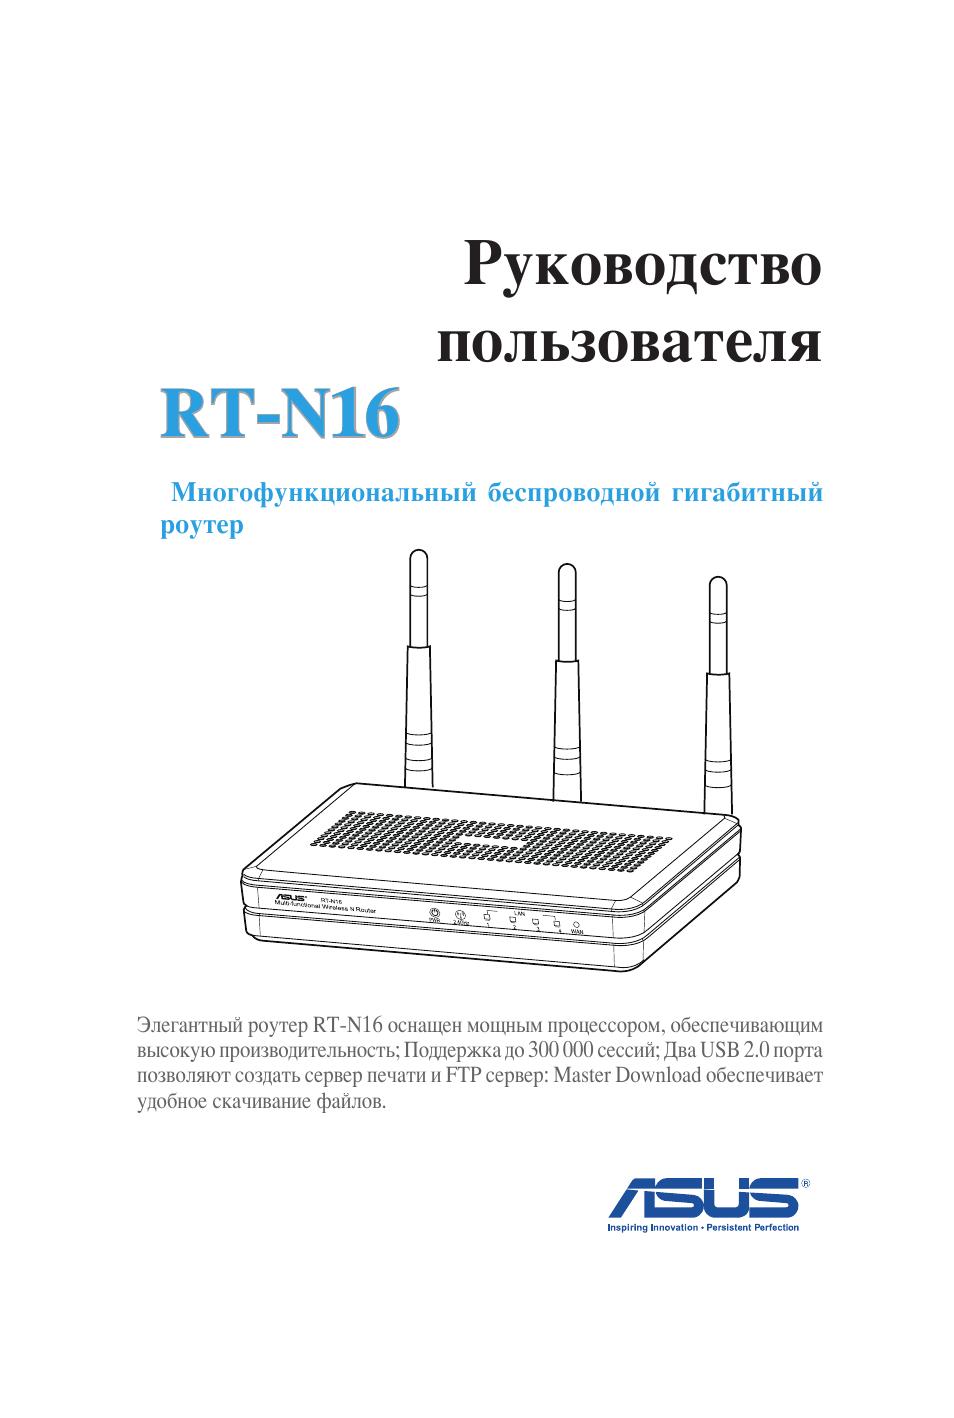 Инструкция по эксплуатации Asus RT-N16 68 страниц